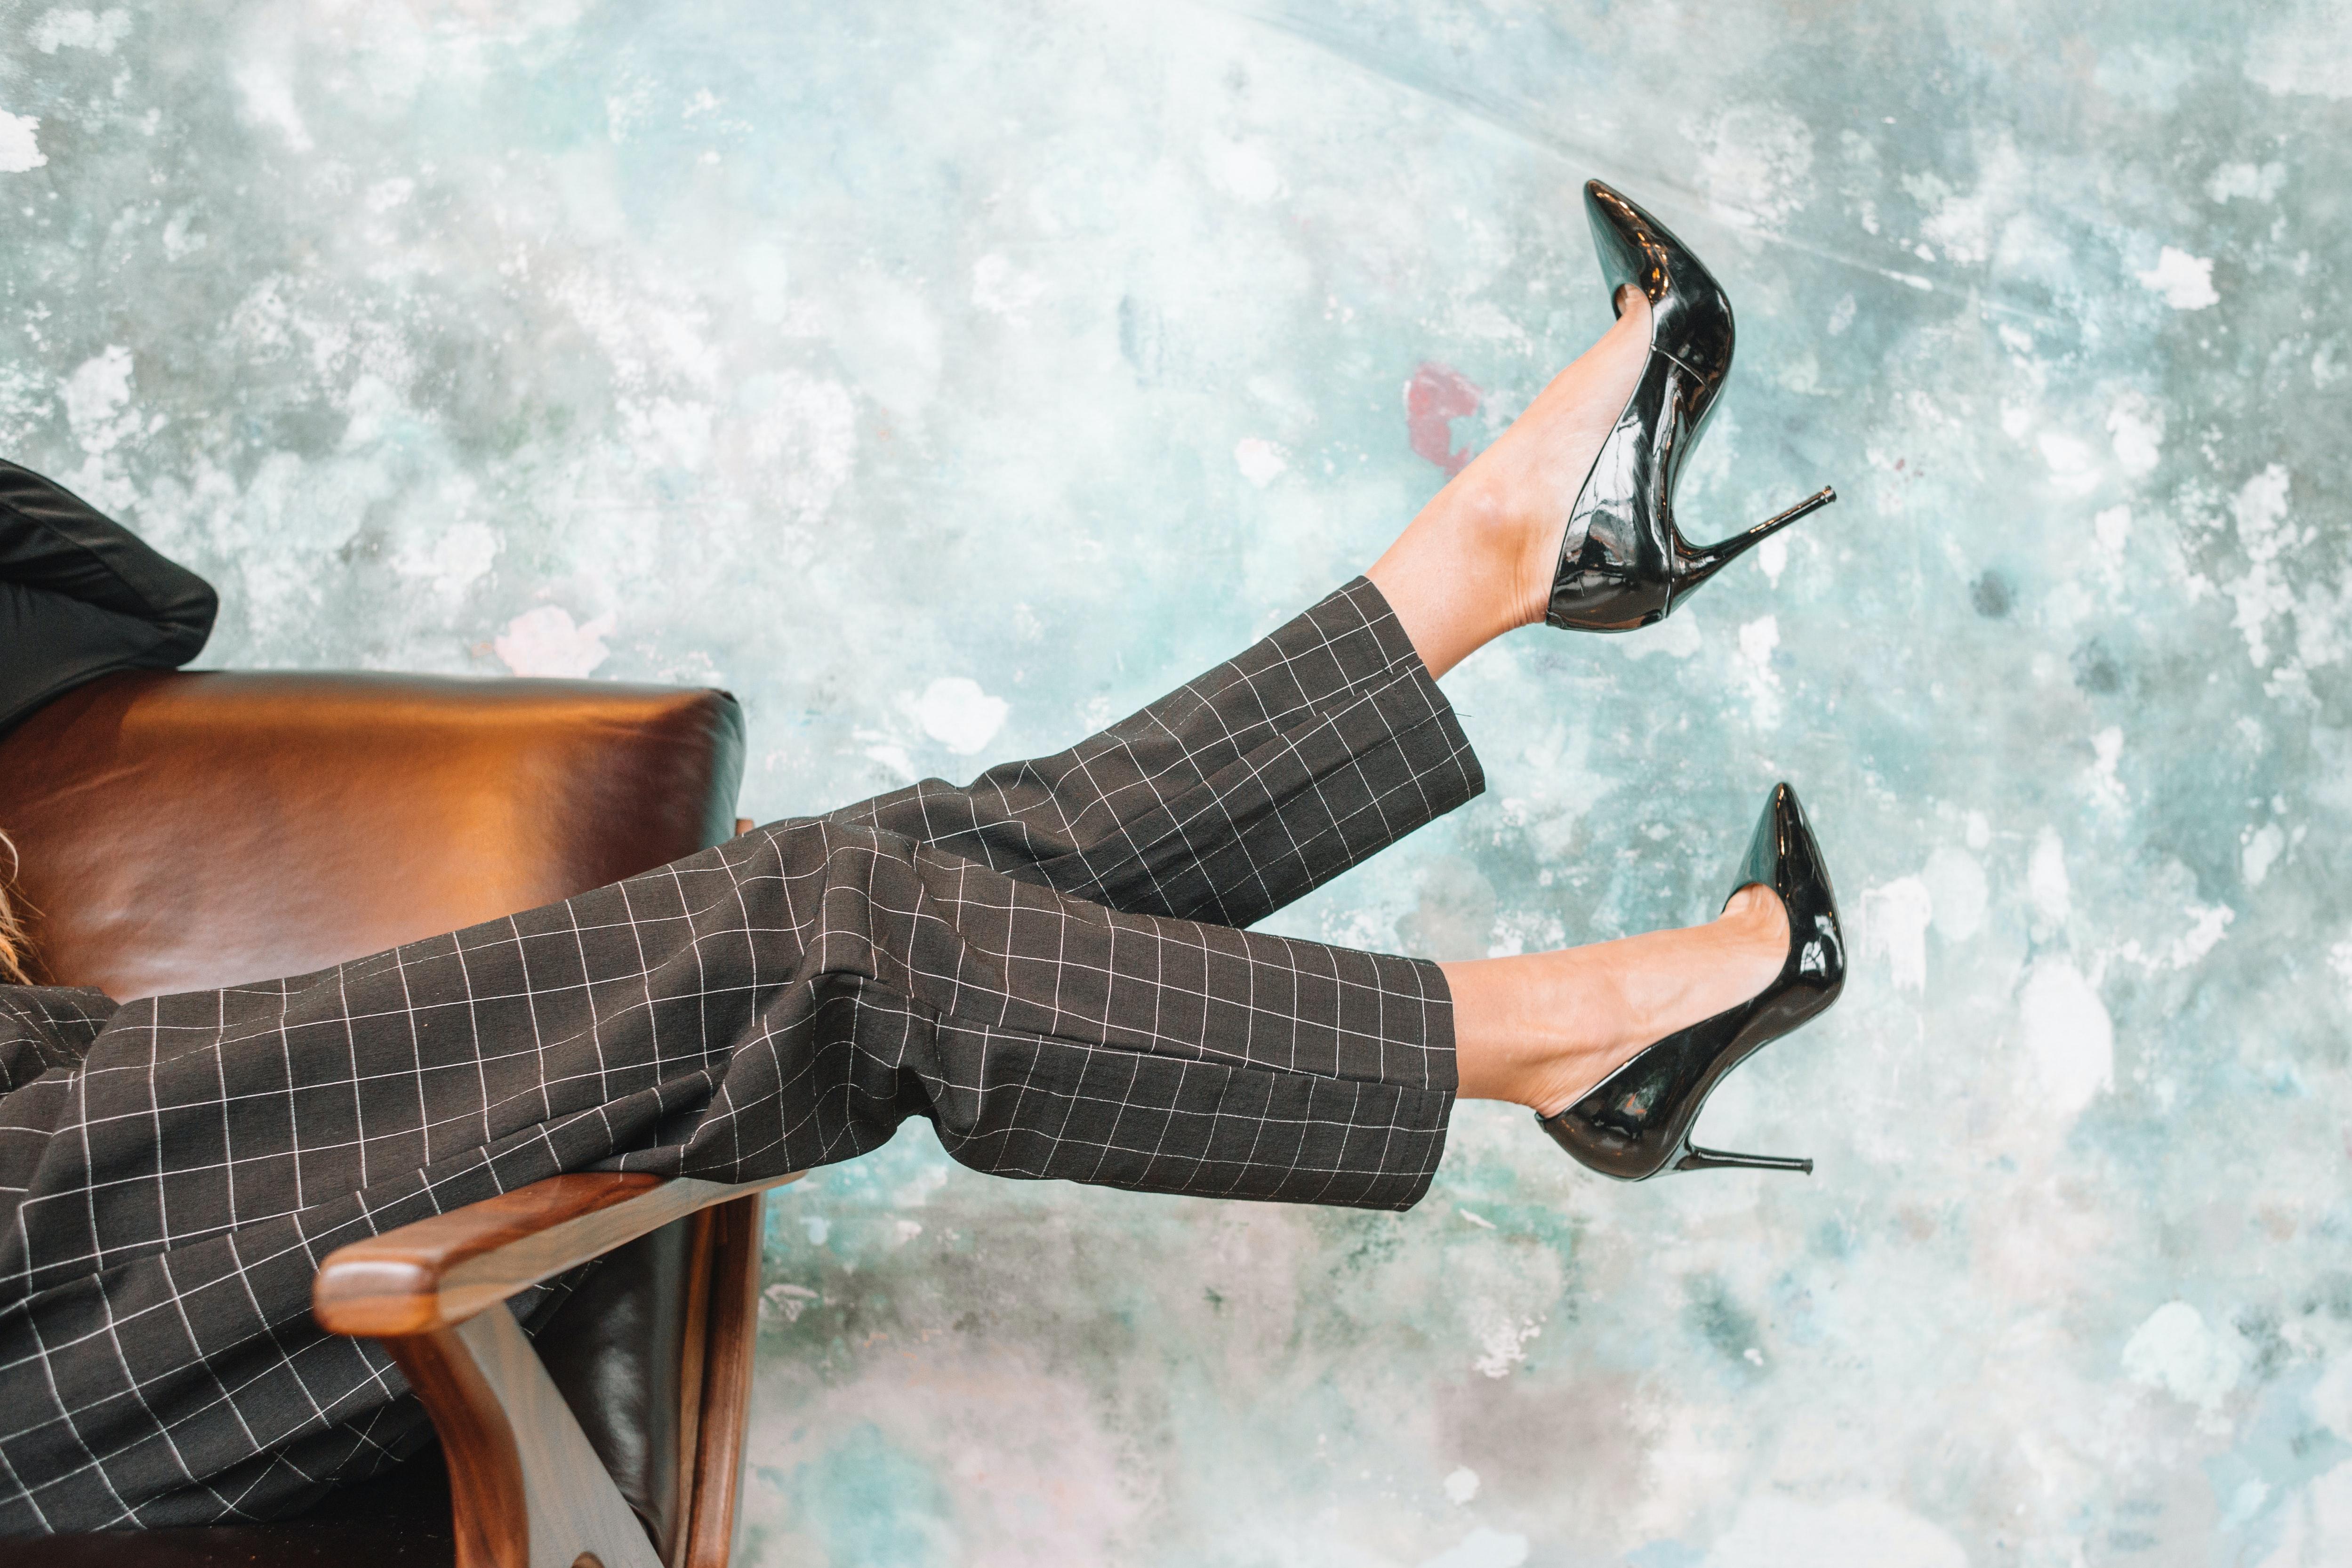 DAME, EVO RJEŠENJA ZA NEUDOBNE ŠTIKLE: Trik koji će raspametiti dame (VIDEO)